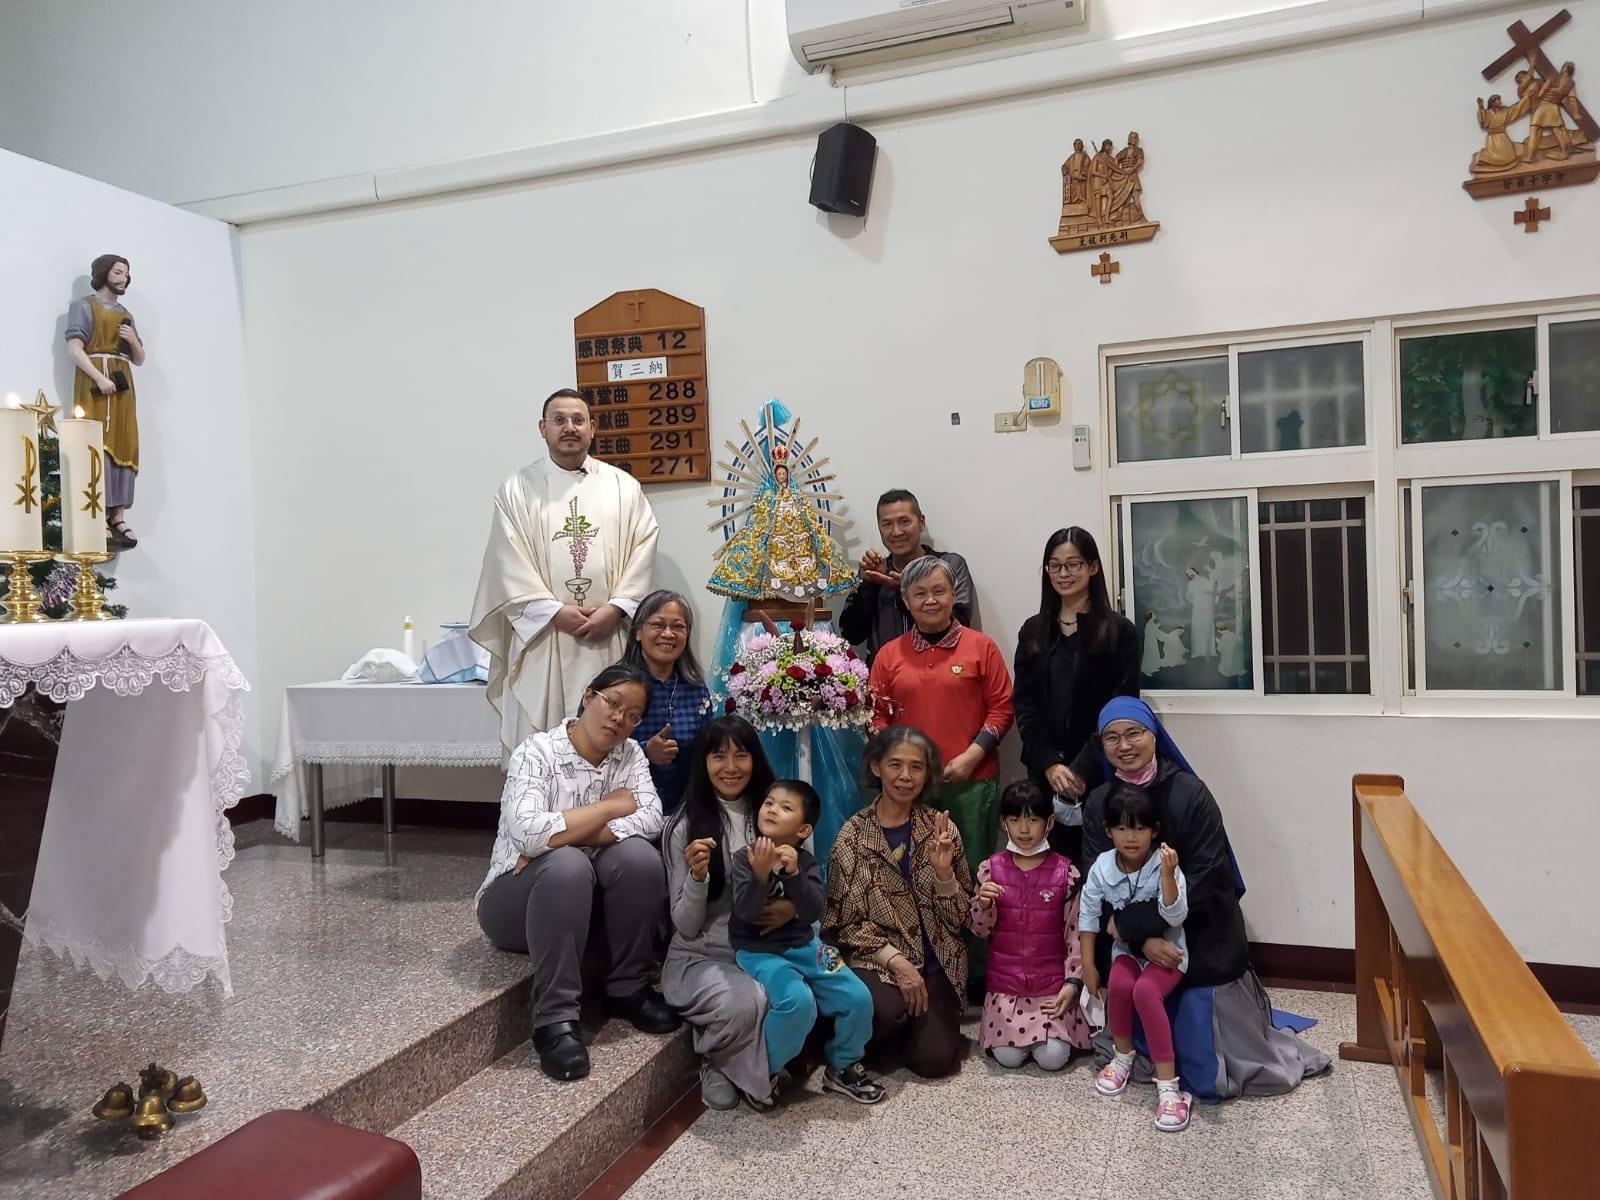 TAIWÁN: Consagración a la Virgen en Dali